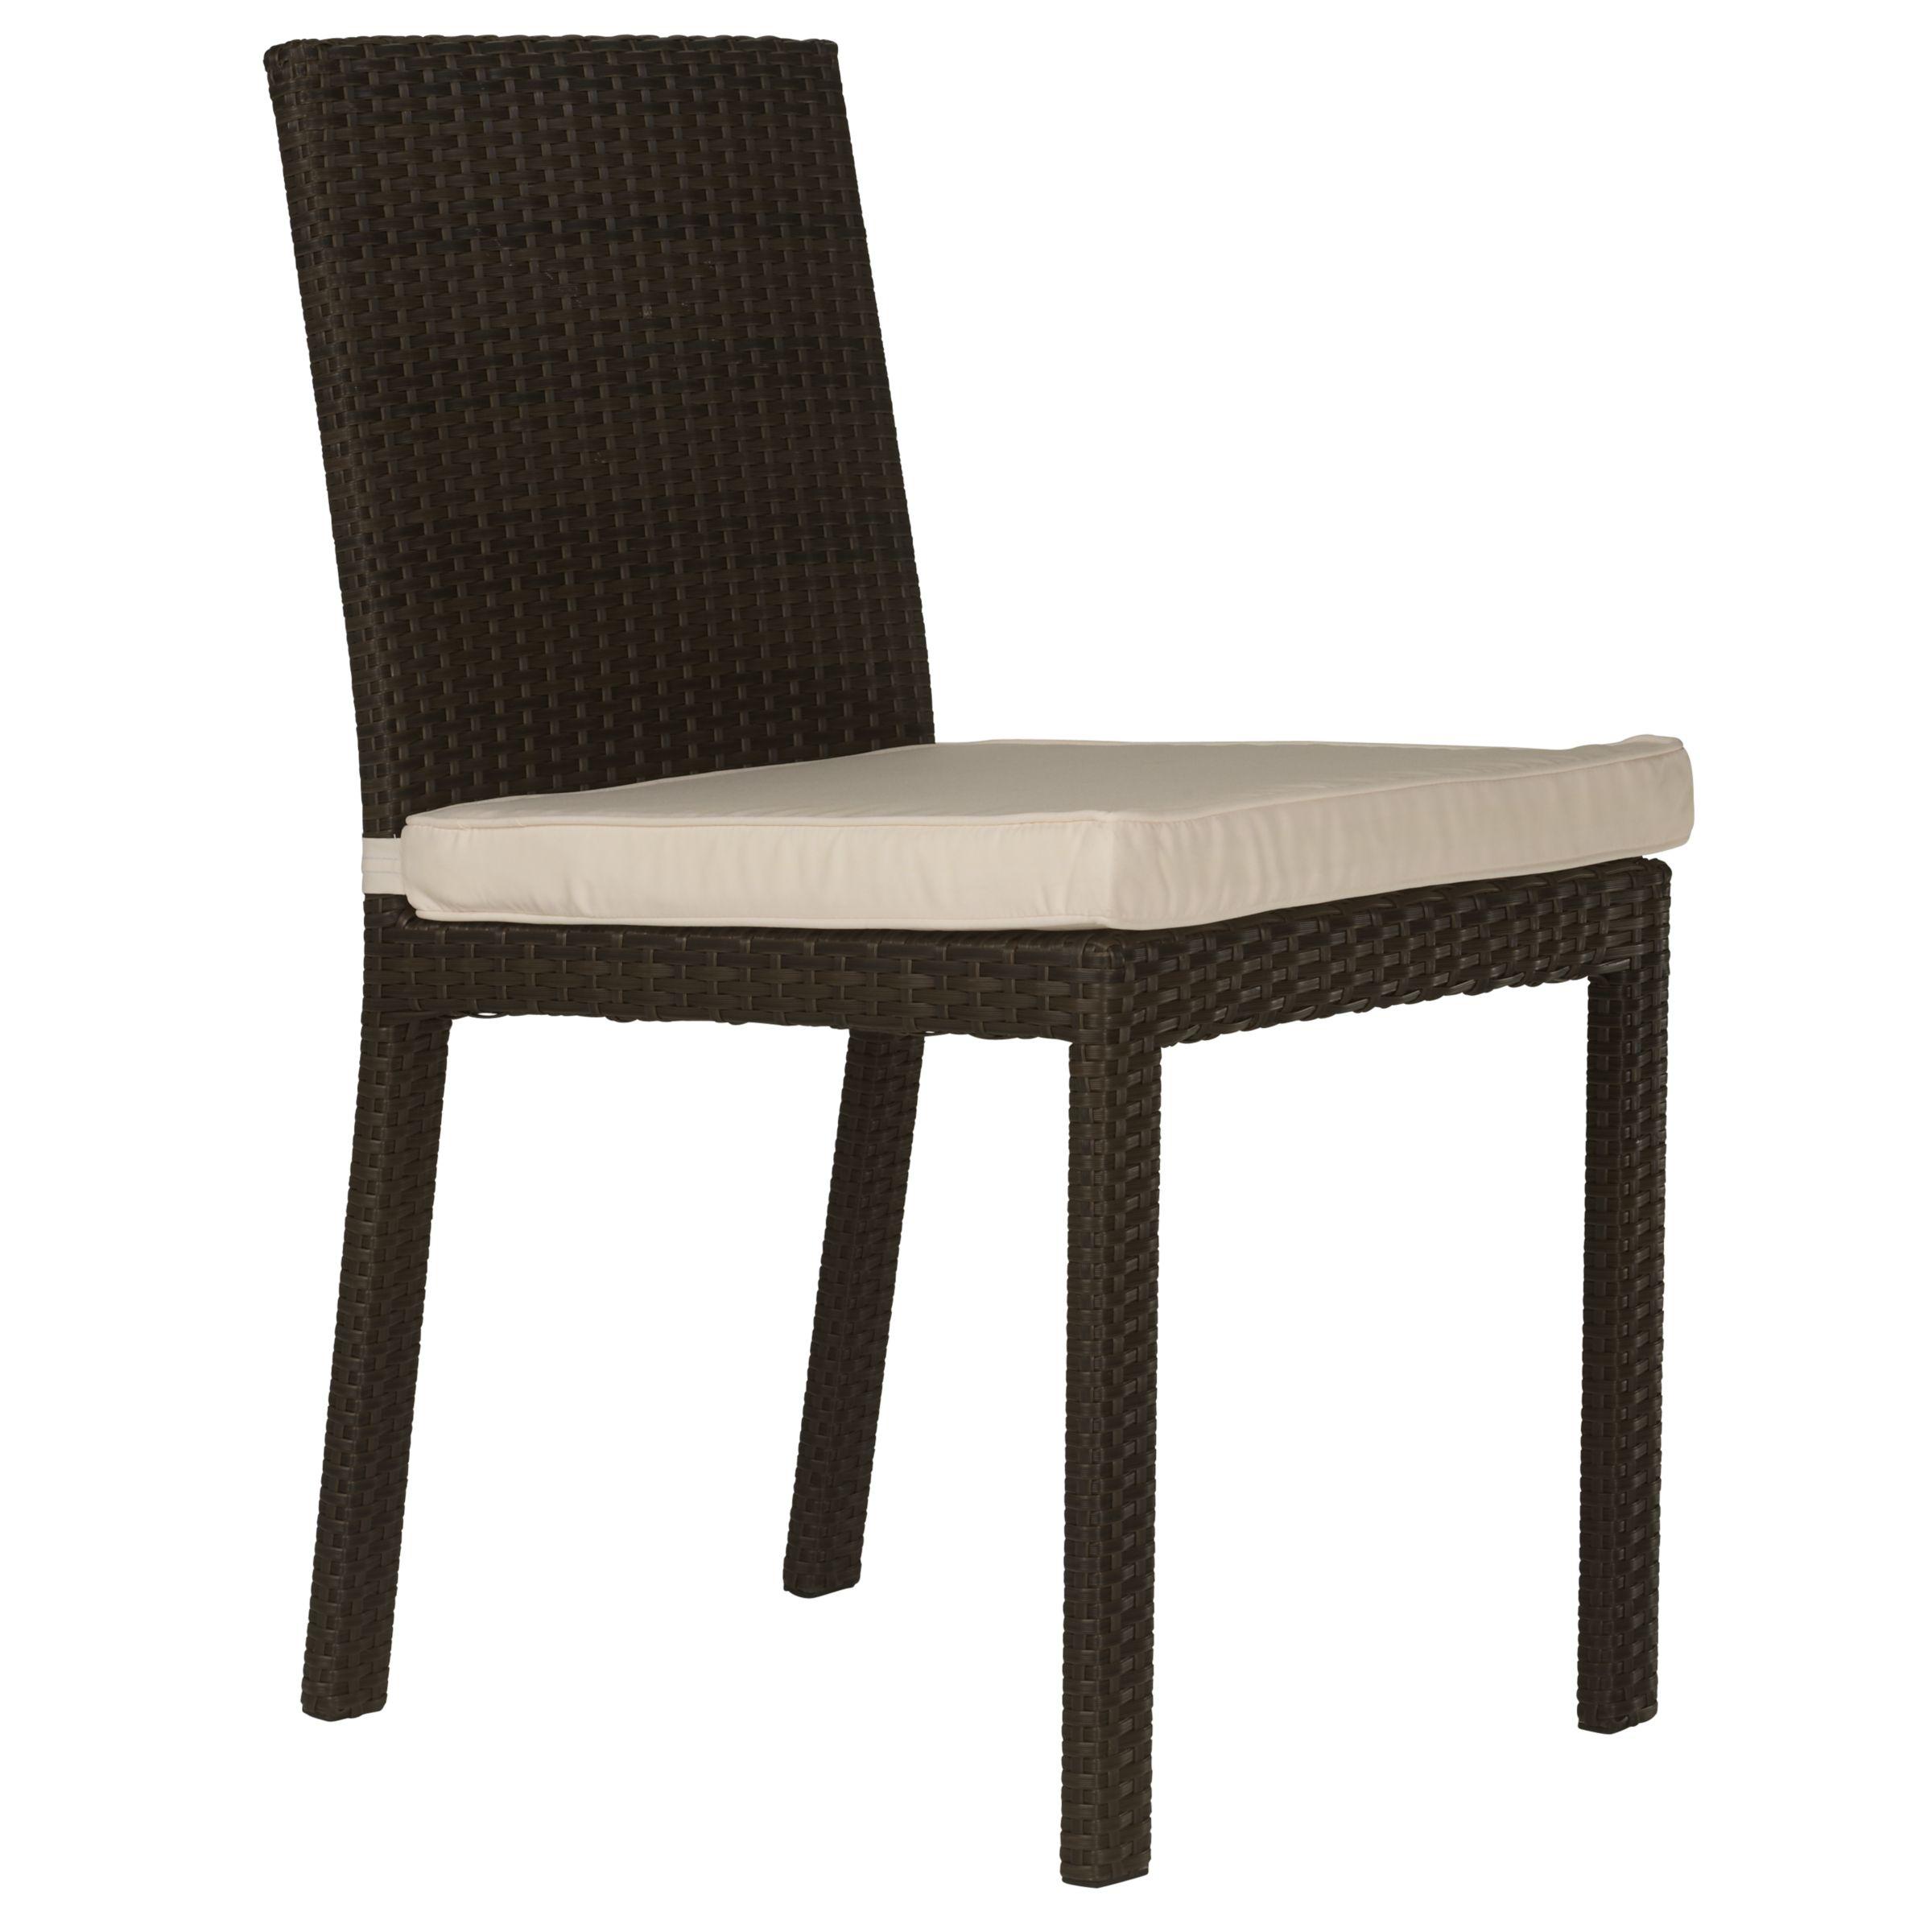 John Lewis Milan Outdoor Dining Chair